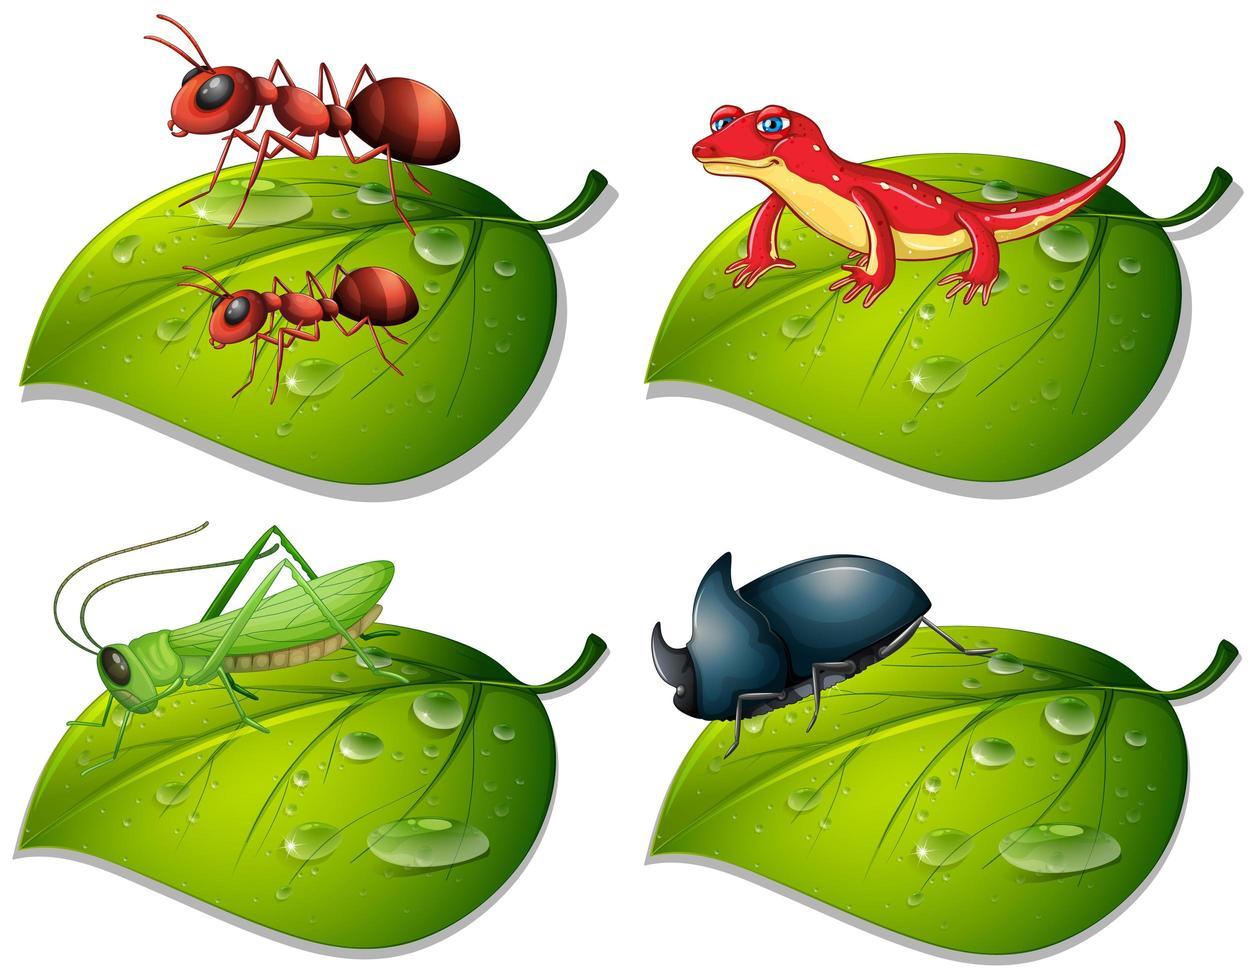 cuatro tipos de insectos en hojas verdes vector